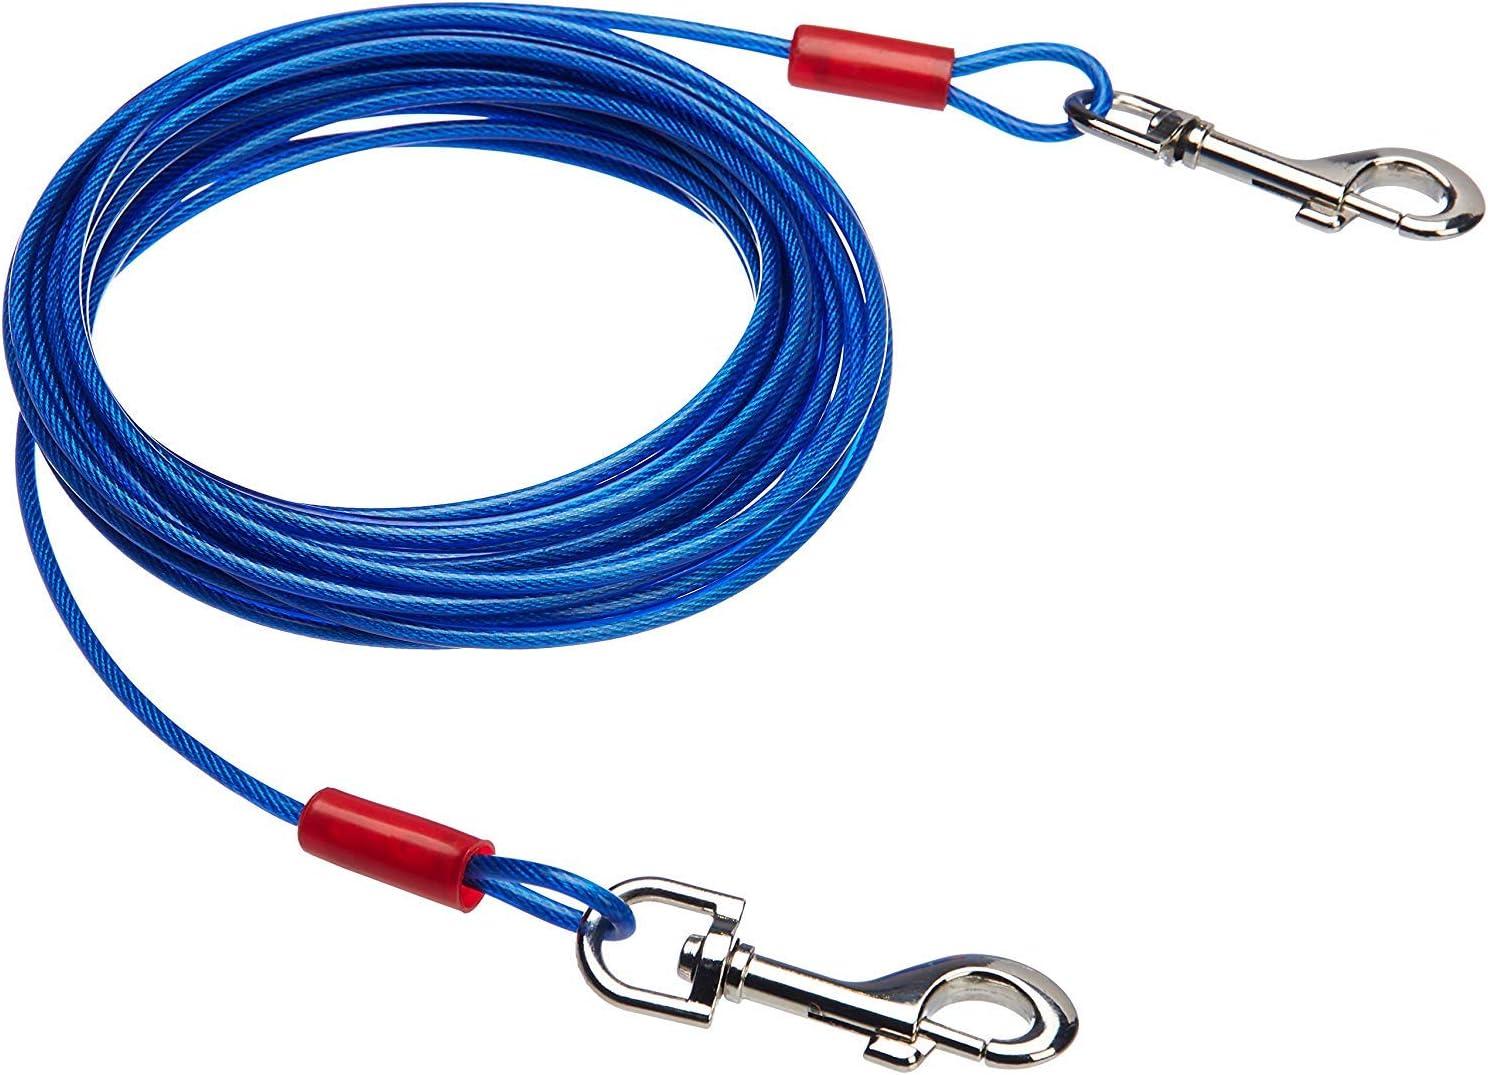 Amazon Basics - Cable para atar perros, hasta 27 kg, 7,62 m